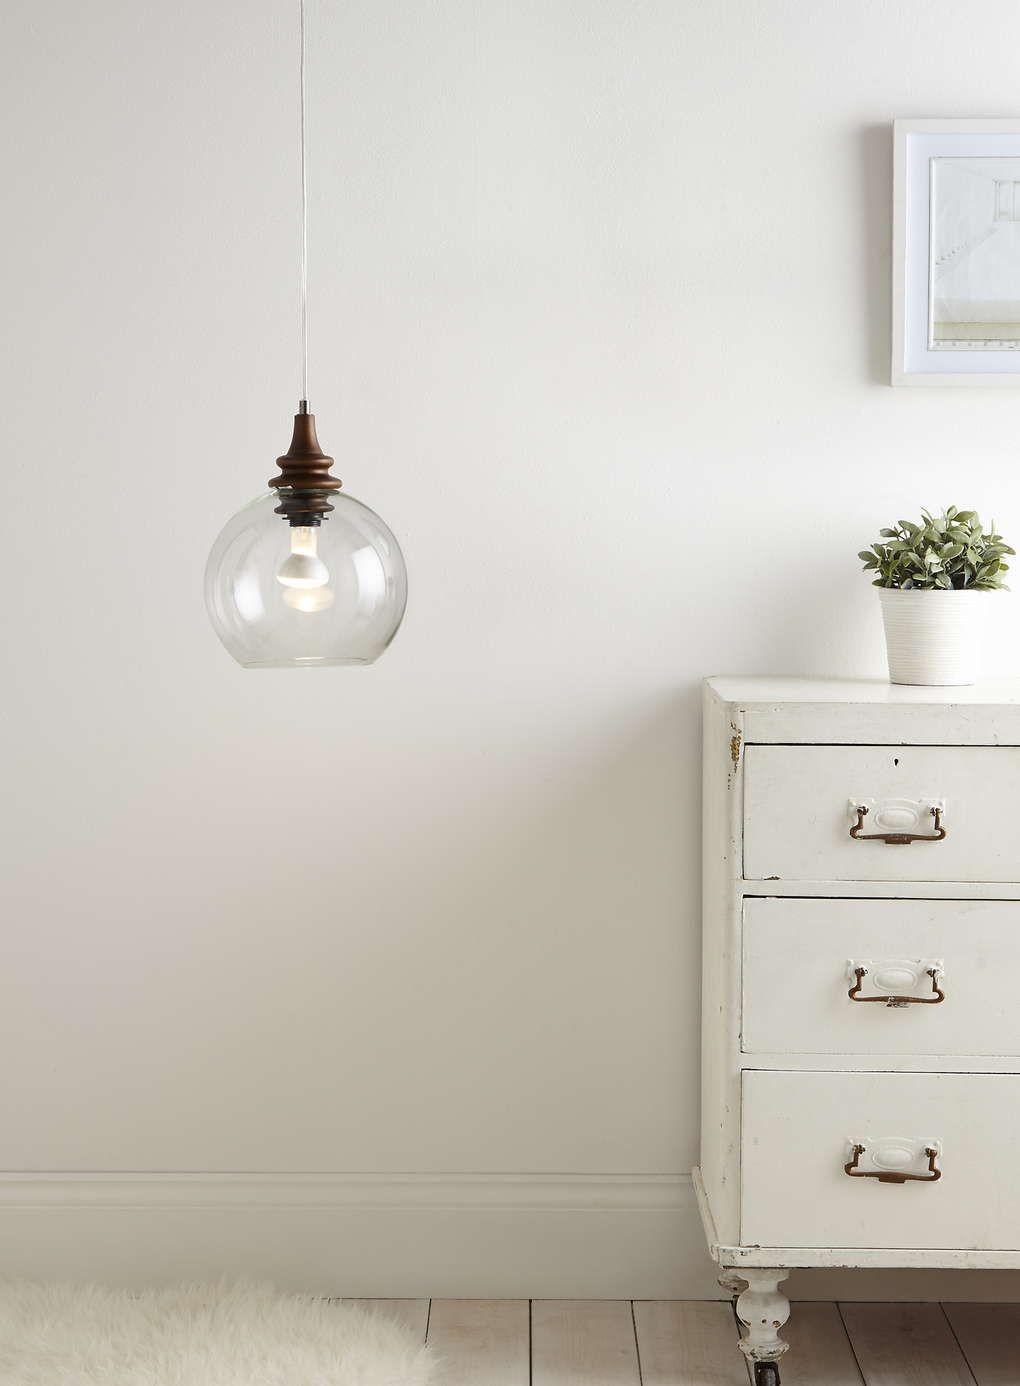 Wren Pendant Light - BHS   Dream house   Pinterest   Wren, Bhs and ...